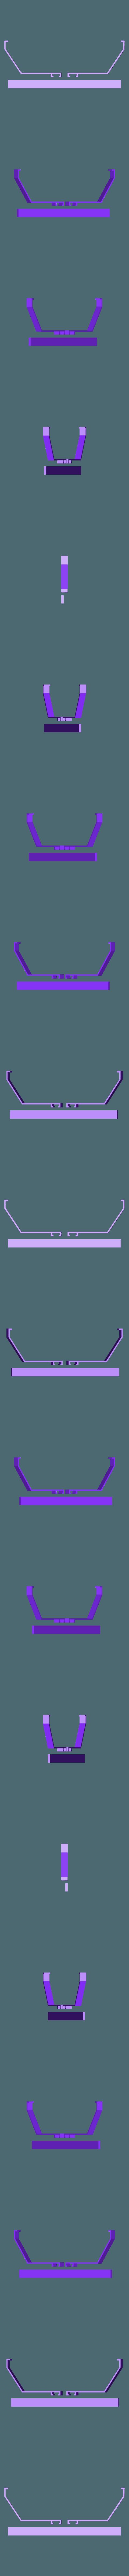 RAIL.STL Download free STL file Dremel 3D45 Tool Caddy • 3D print model, mkellsy